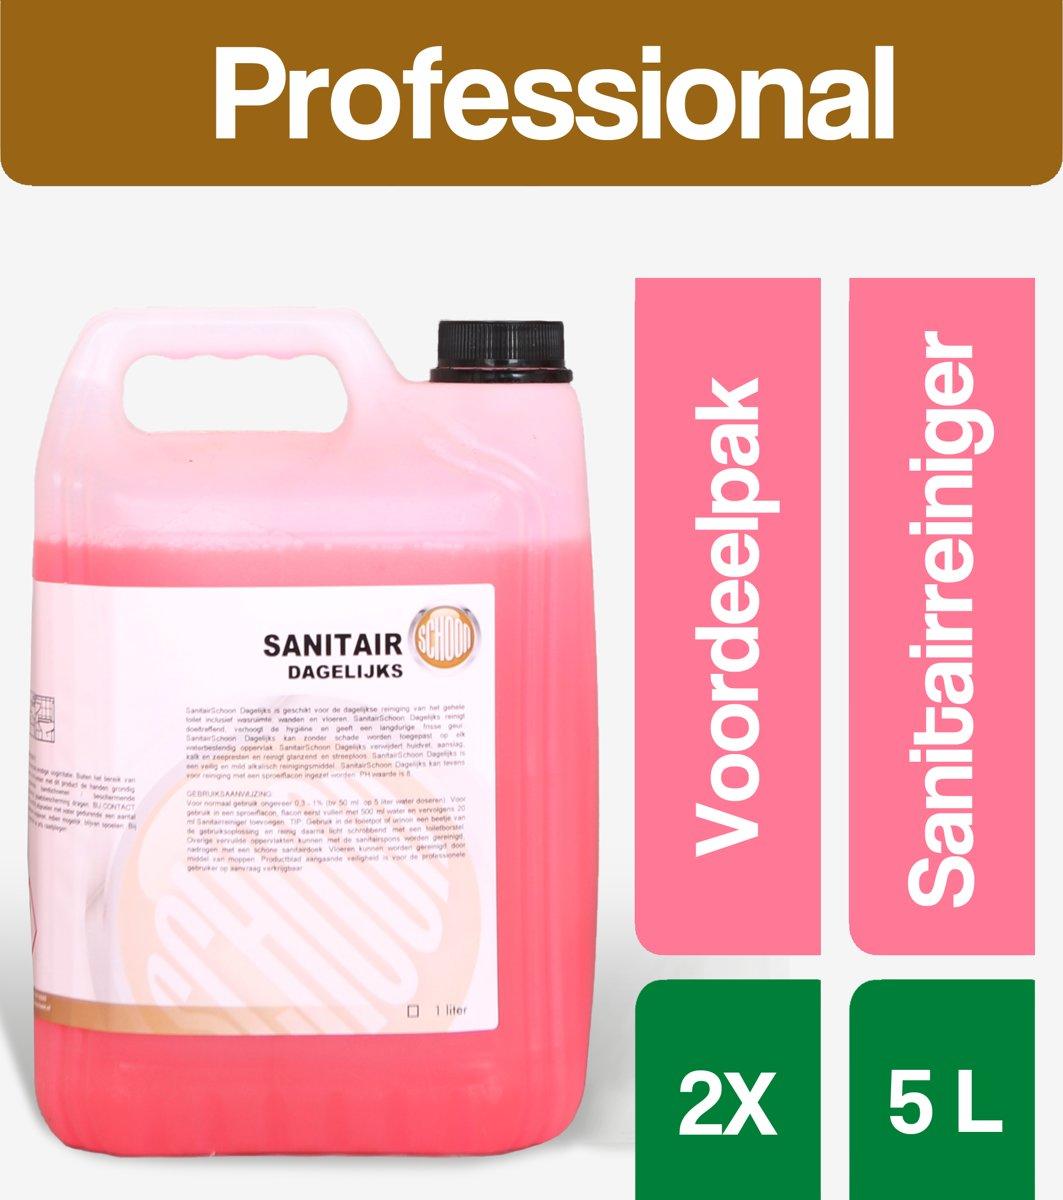 Sanitair reiniger SanitairSchoon(dagelijks) 2x5 Liter - Voordeelverpakking kopen